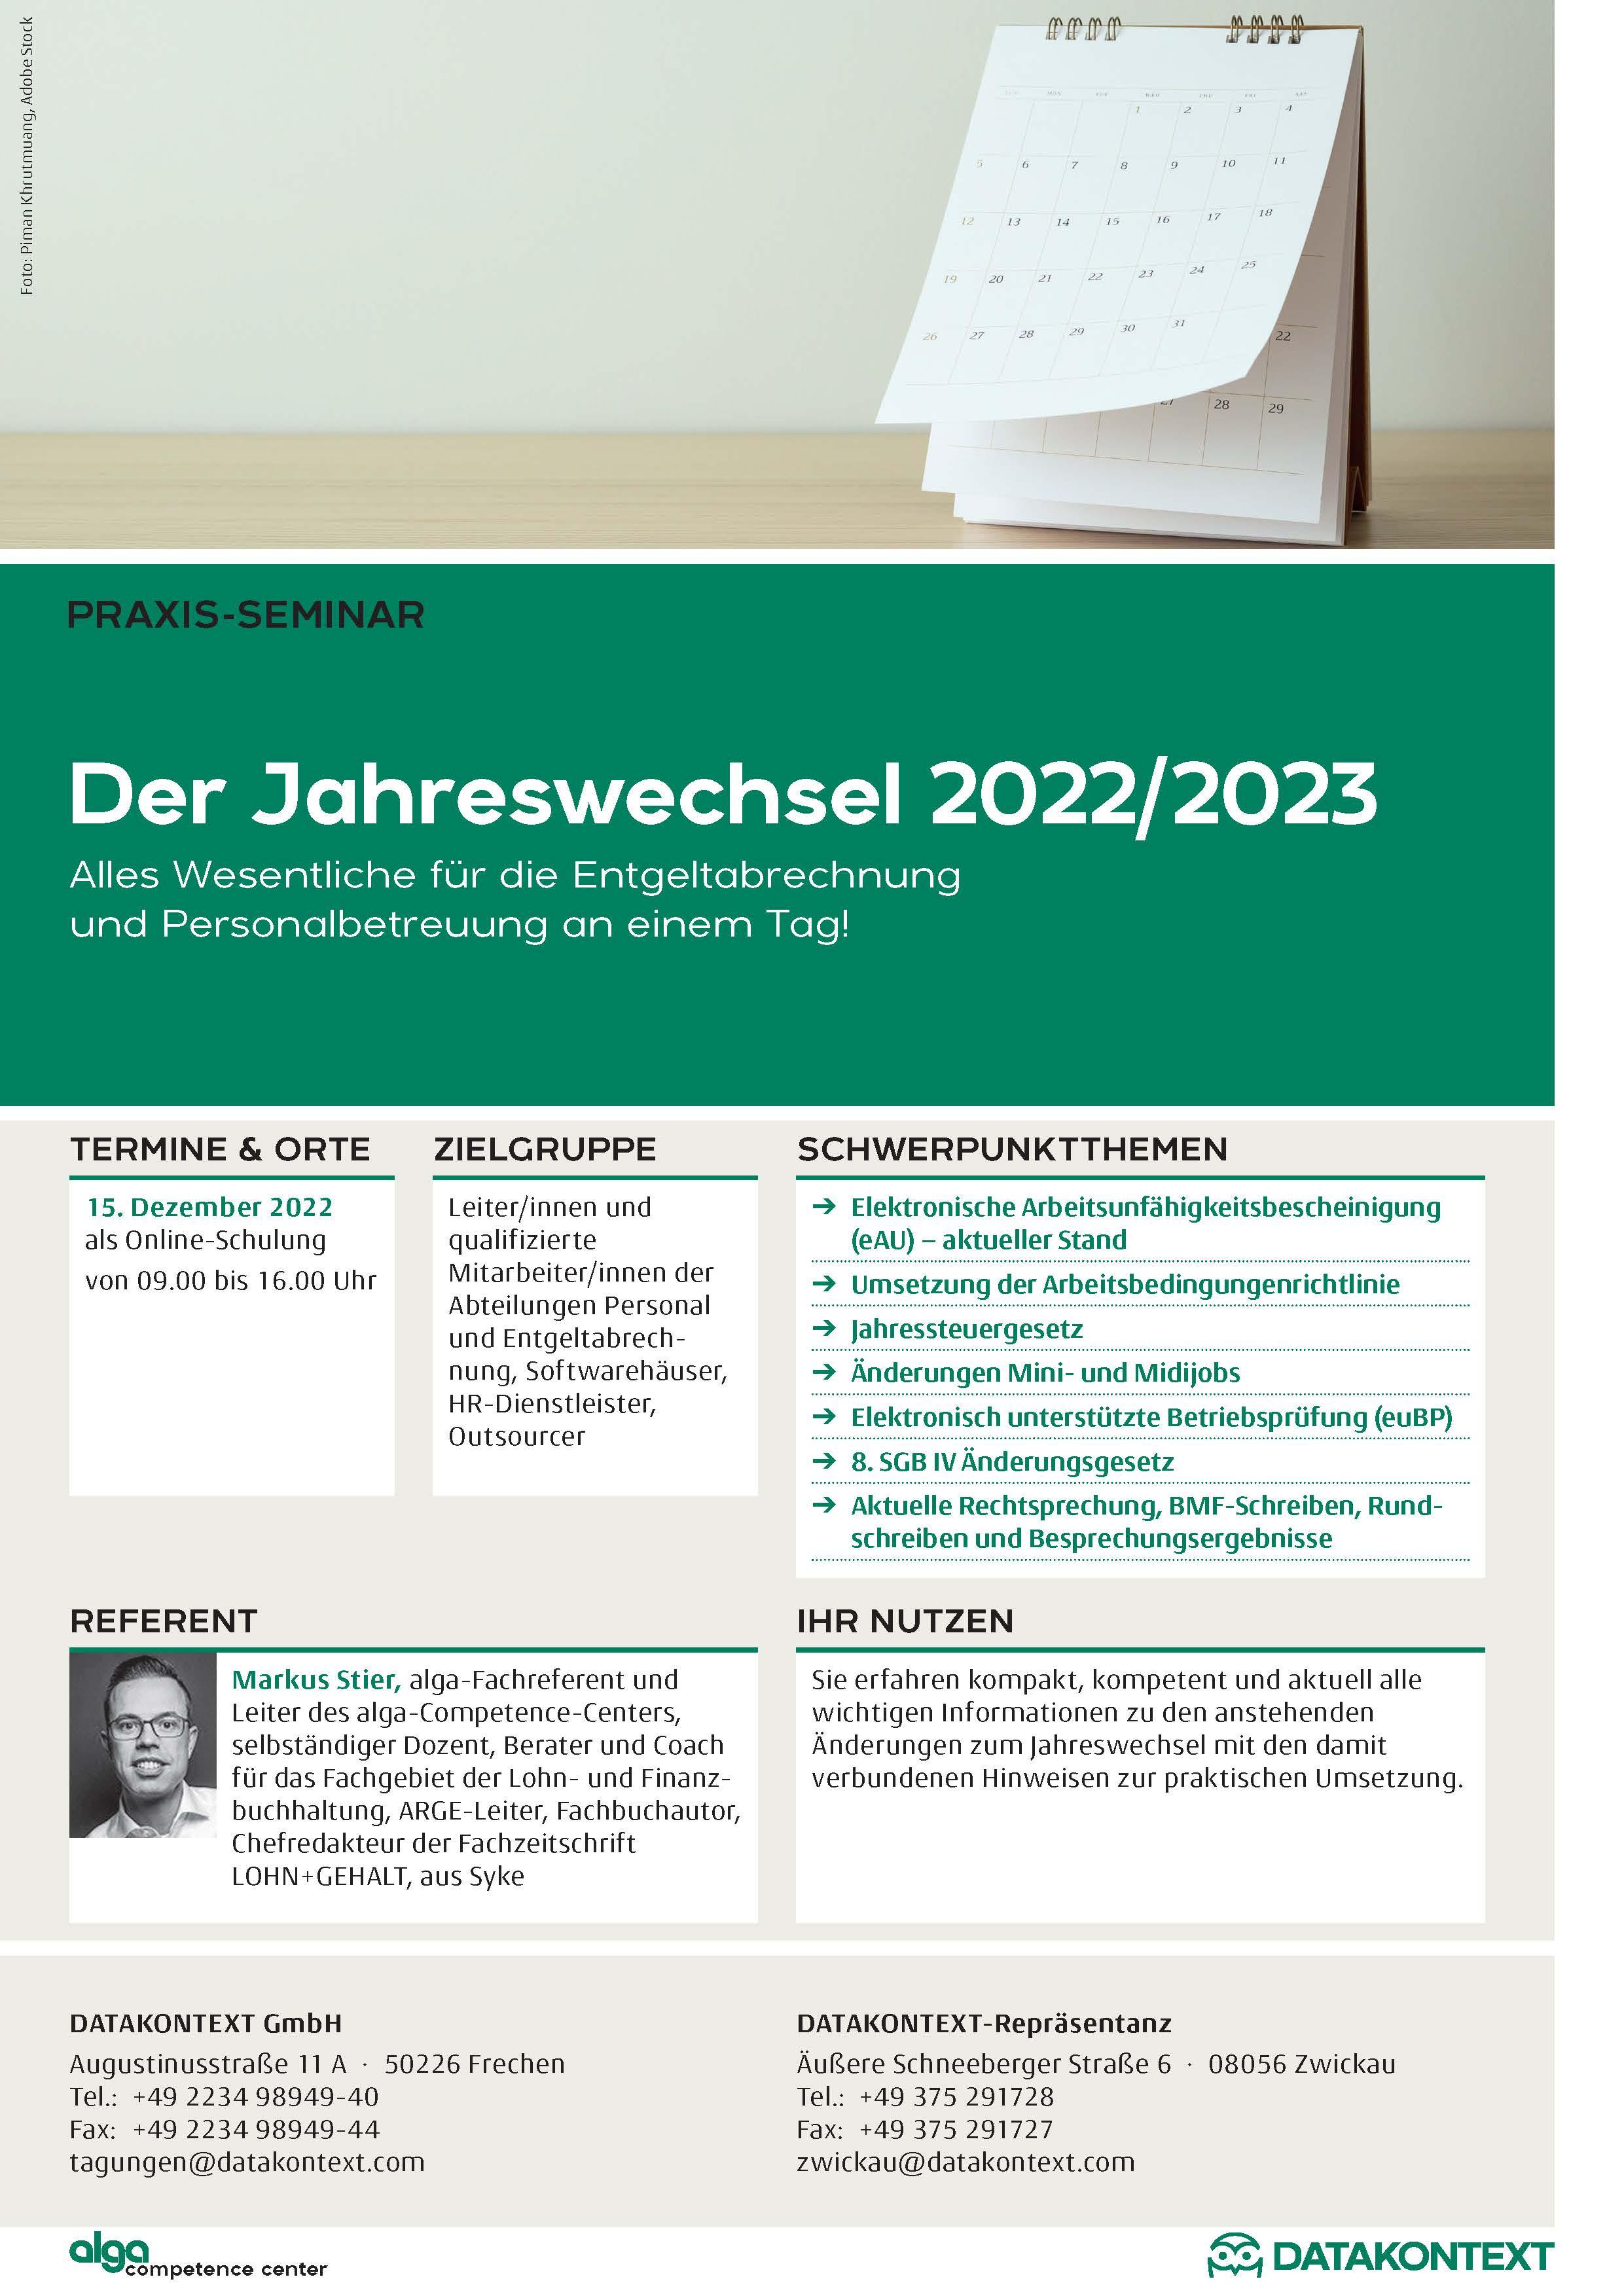 Der Jahreswechsel 2021/2022